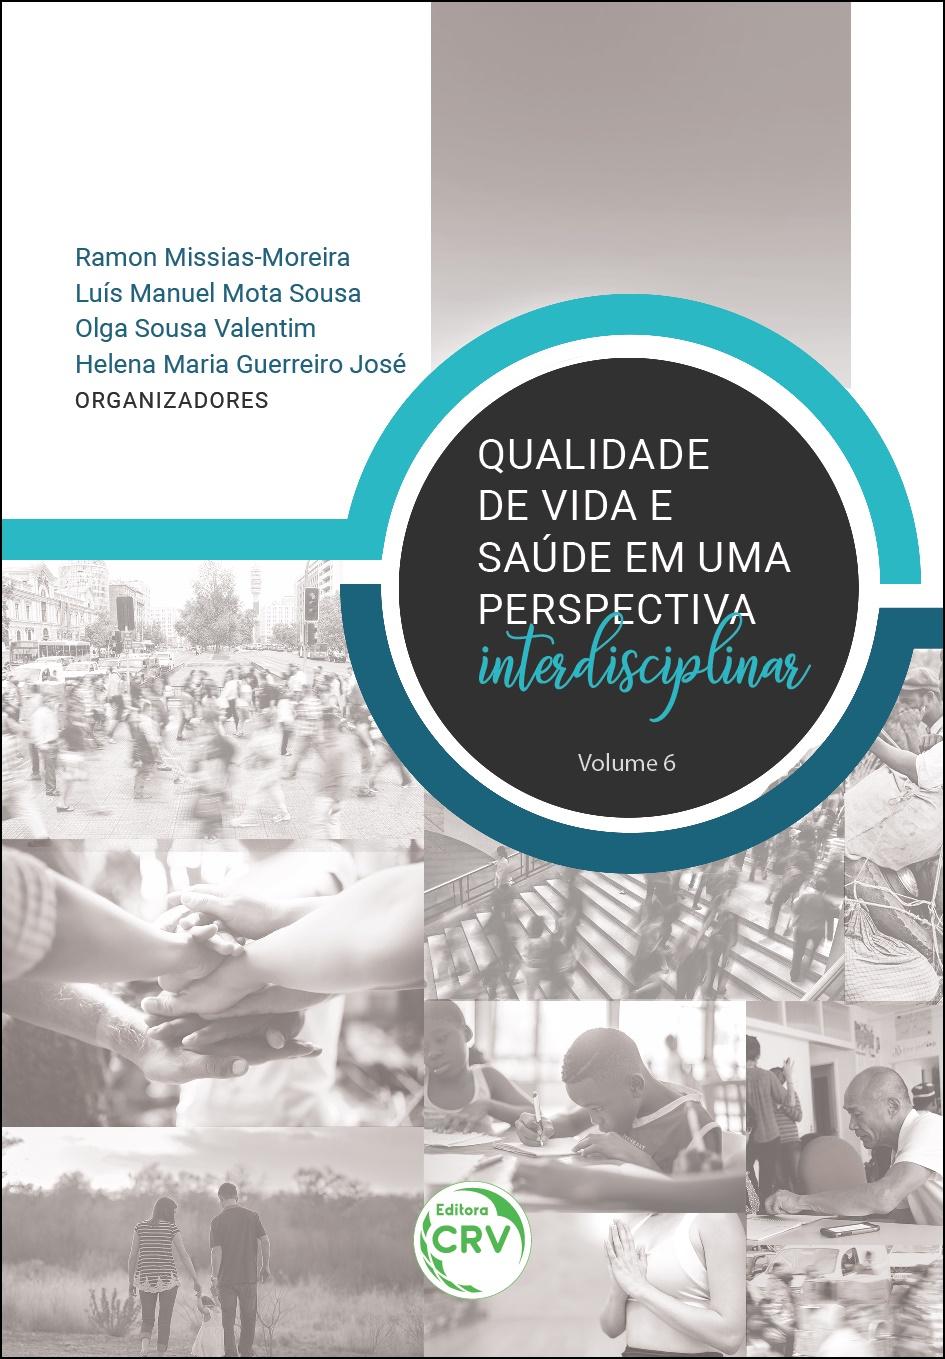 Capa do livro: QUALIDADE DE VIDA E SAÚDE EM UMA PERSPECTIVA INTERDISCIPLINAR <br> Volume 6